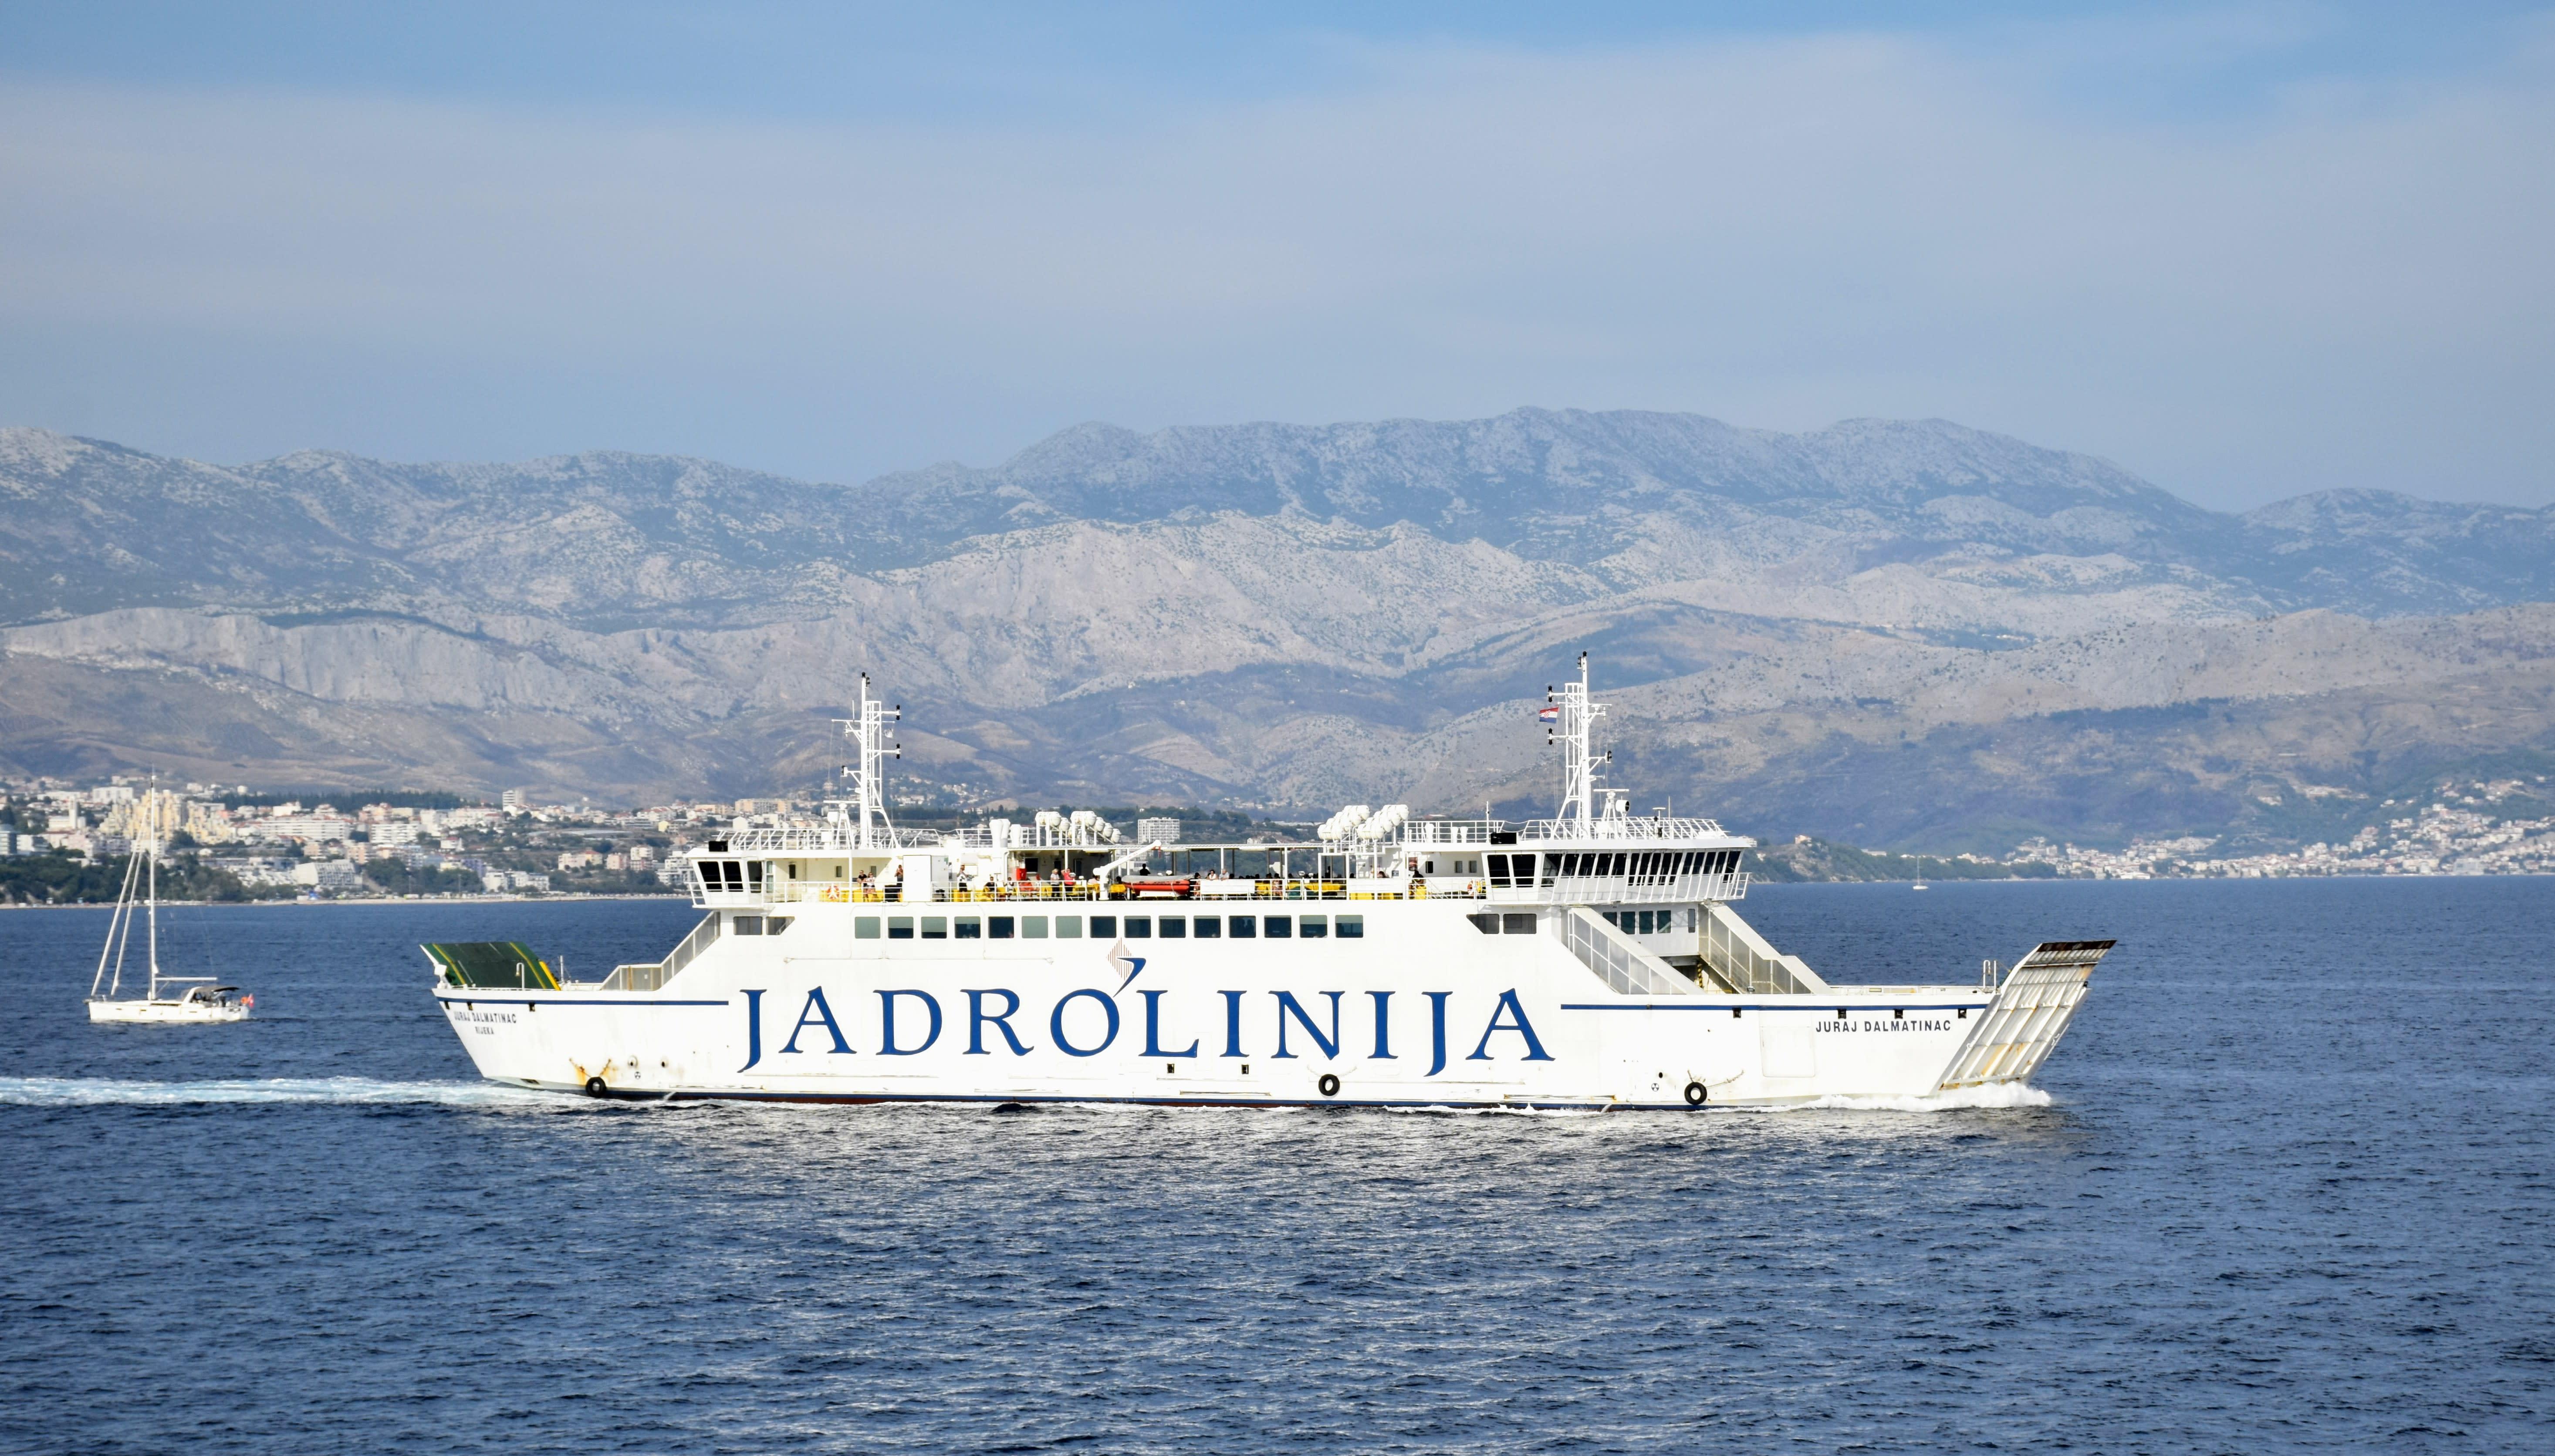 מעבורת של חברת Jadrolinija המאפשרת שייט בין האיים בקרואטיה עם רכב